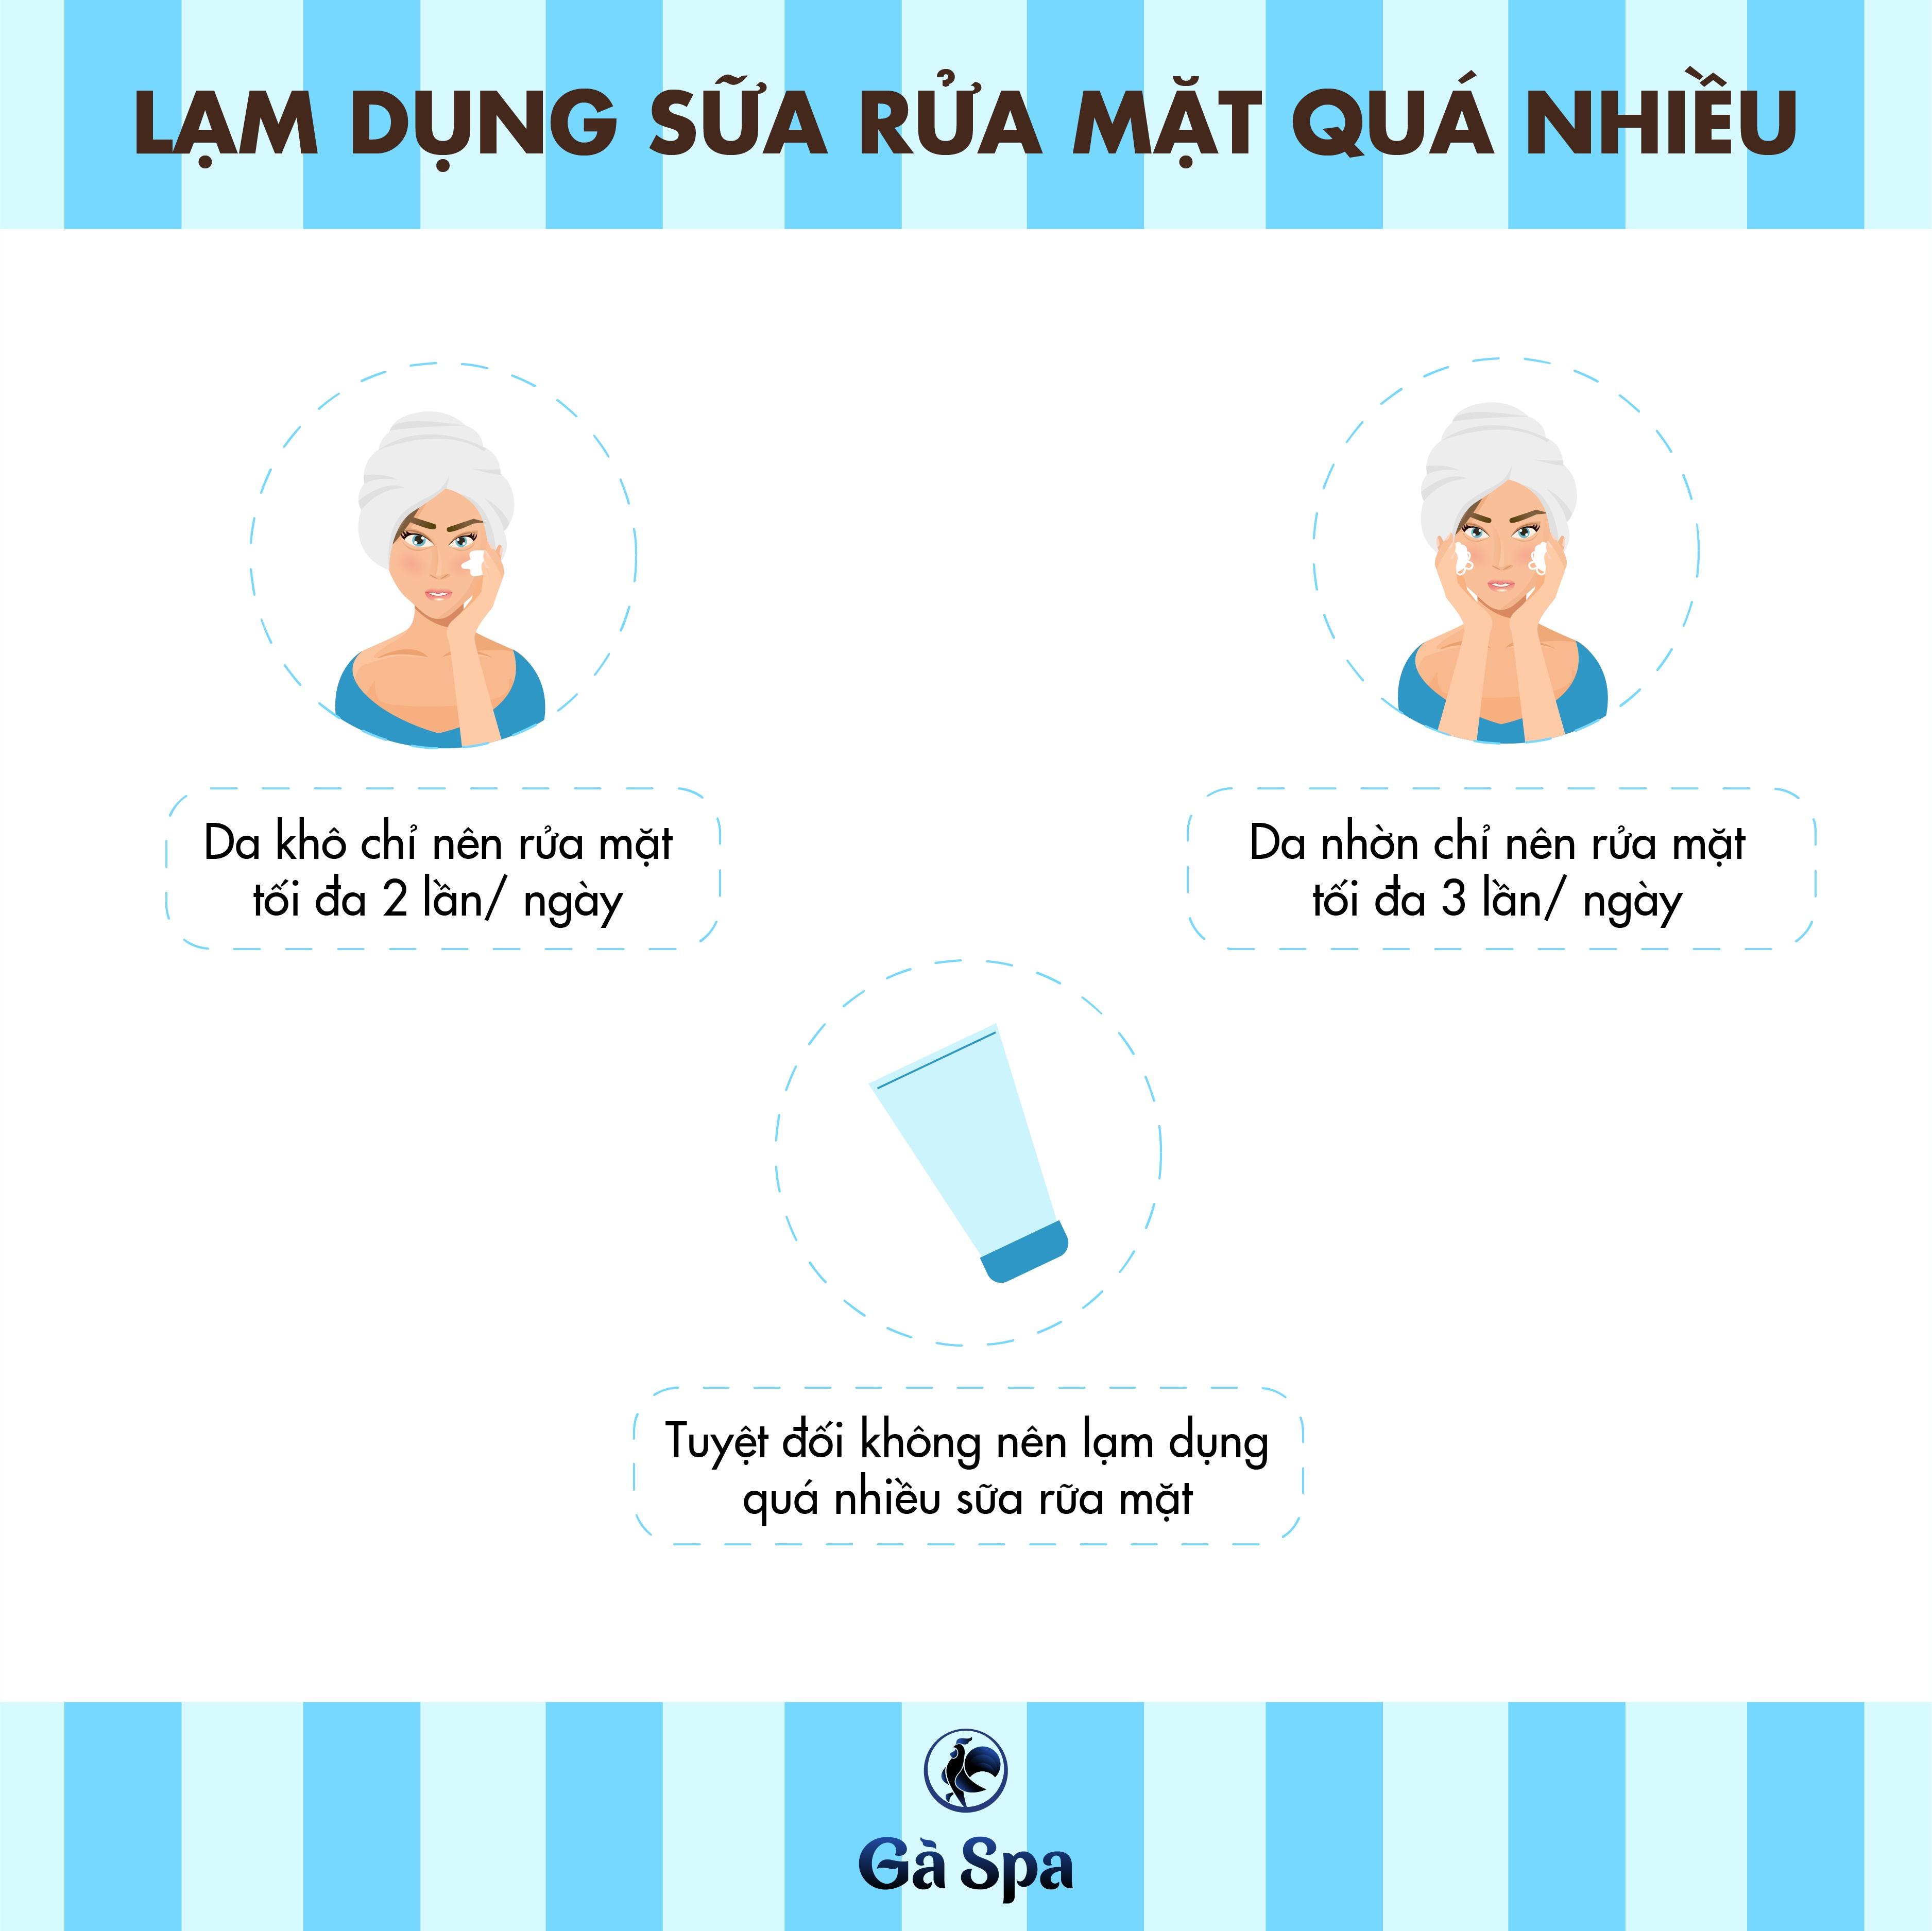 Lạm dụng sữa rửa mặt quá nhiều